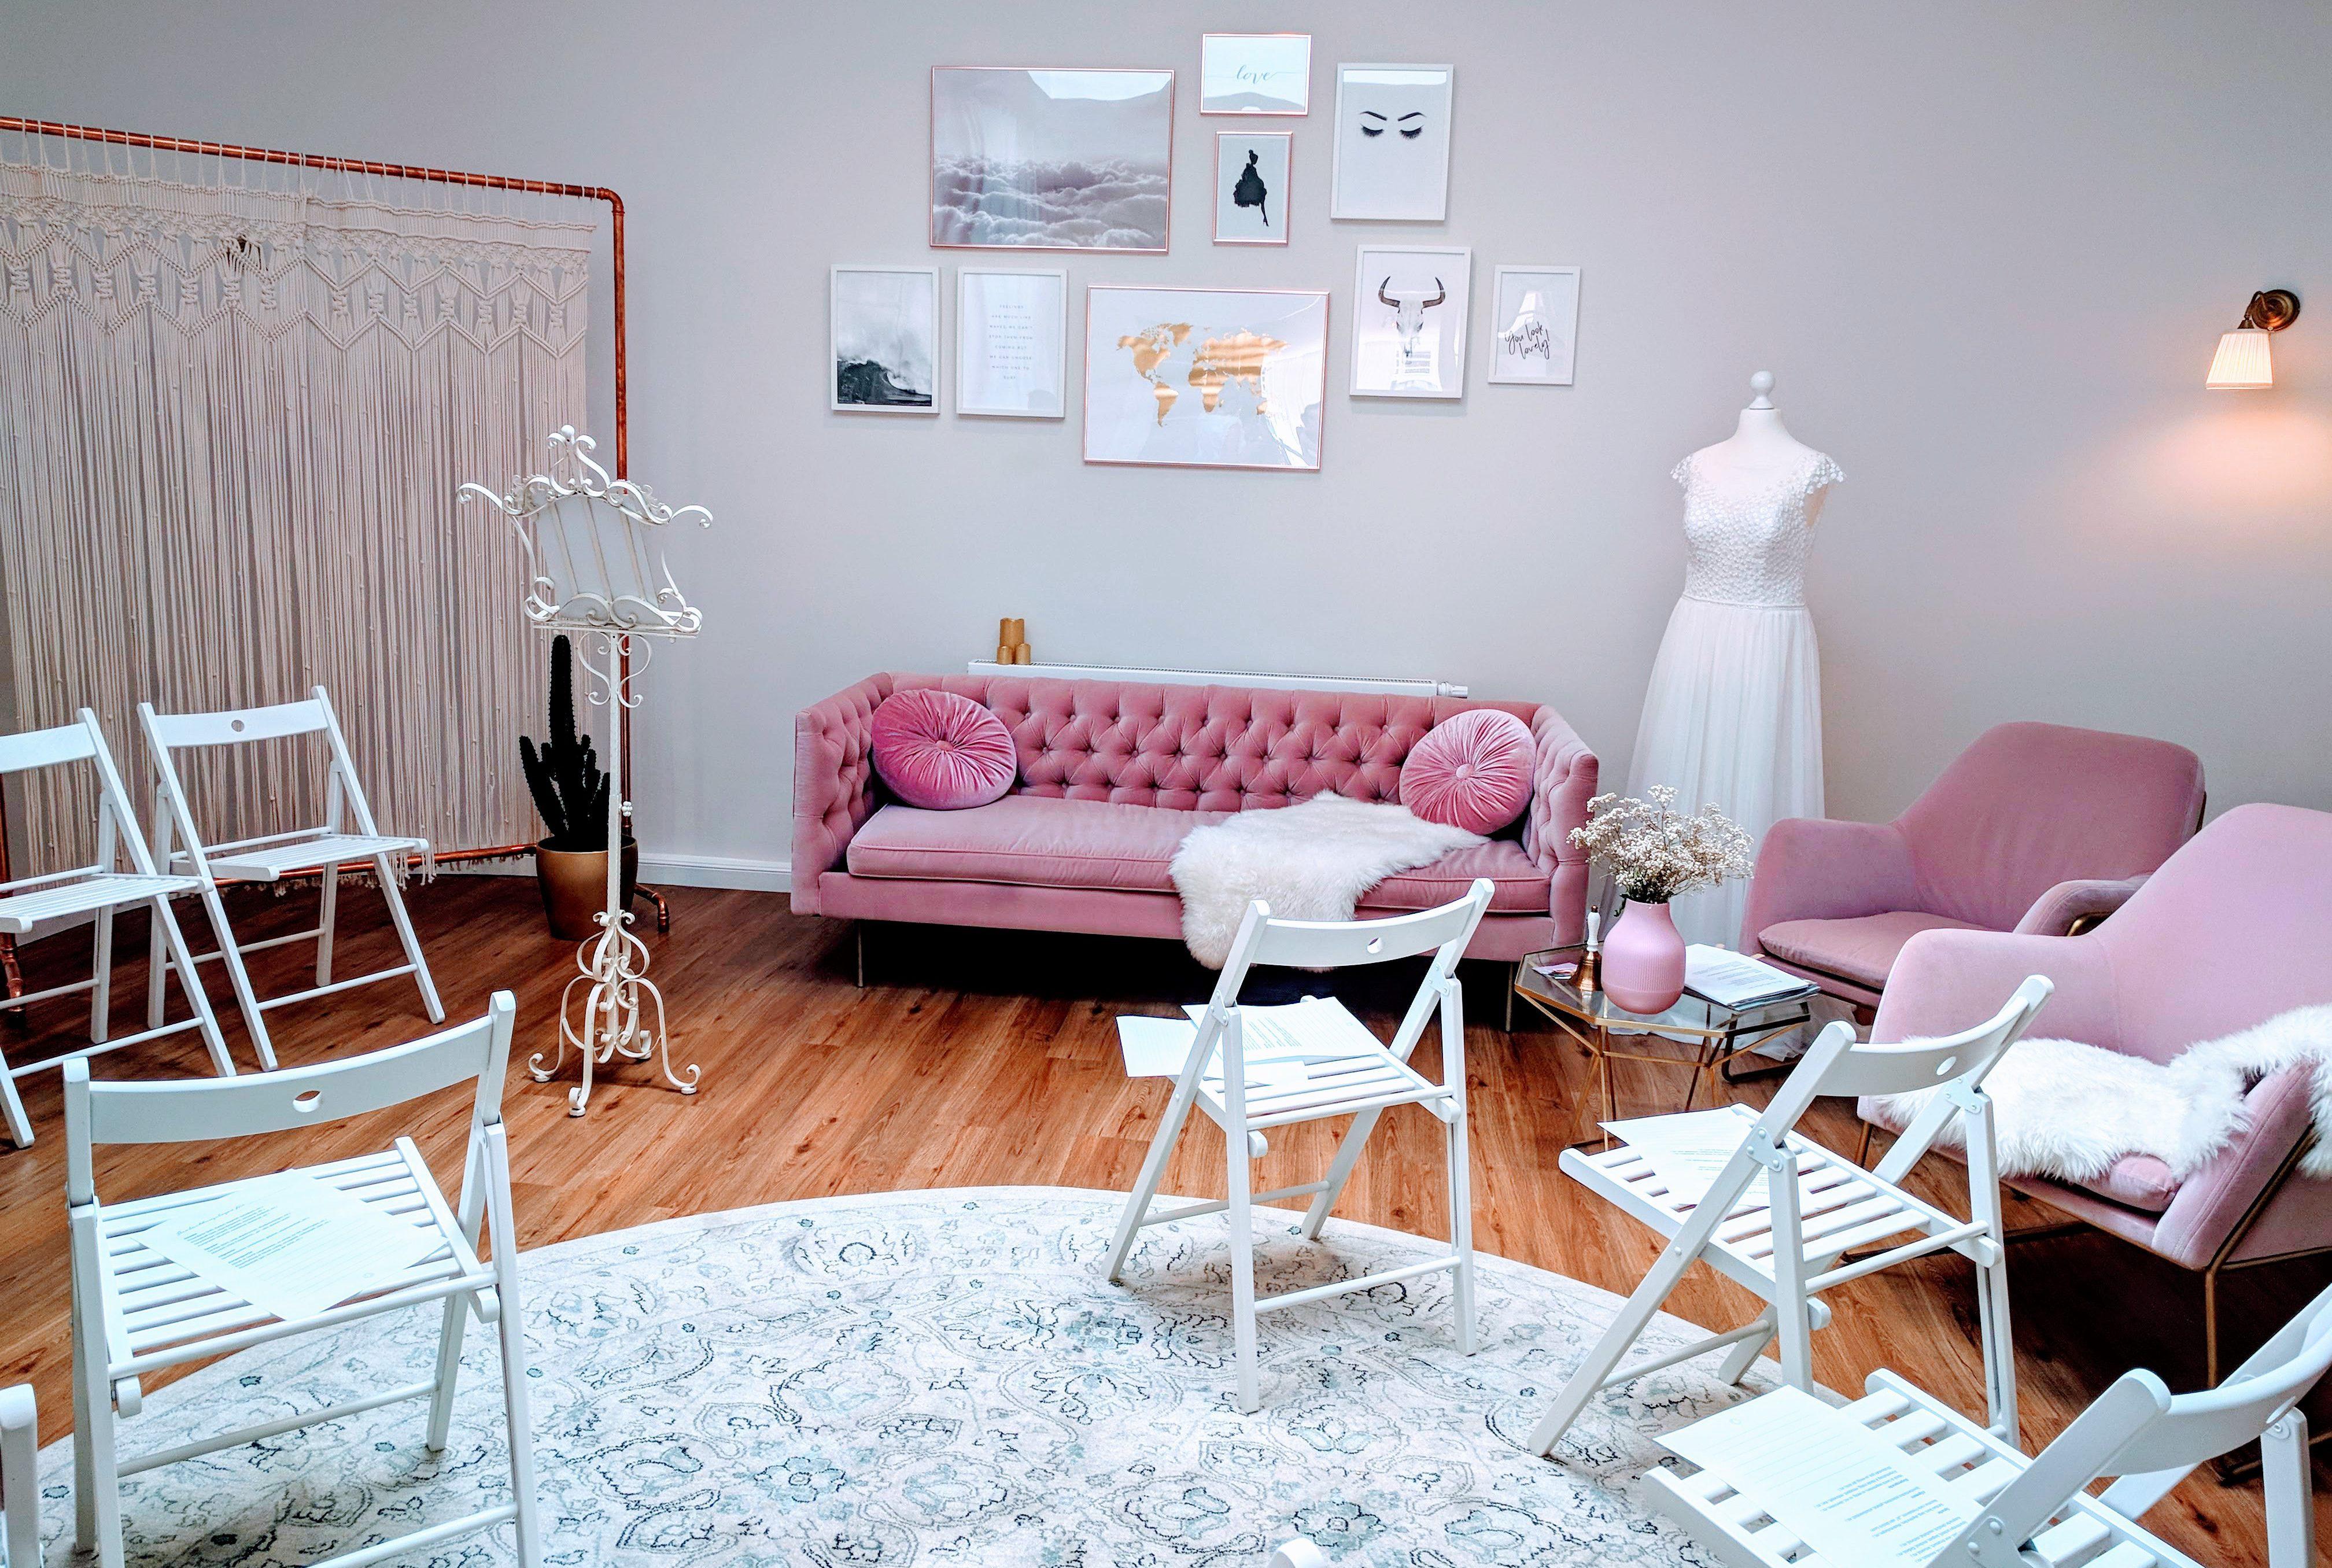 """Das Bild zeigt den Showroom des """"Das Brautstübchen"""" in Remscheid. In der Mitte des Raums stehen weiße Klappstühle, ausgerichtet zu einem Vintage-Trauständer im vorderen Bereich."""